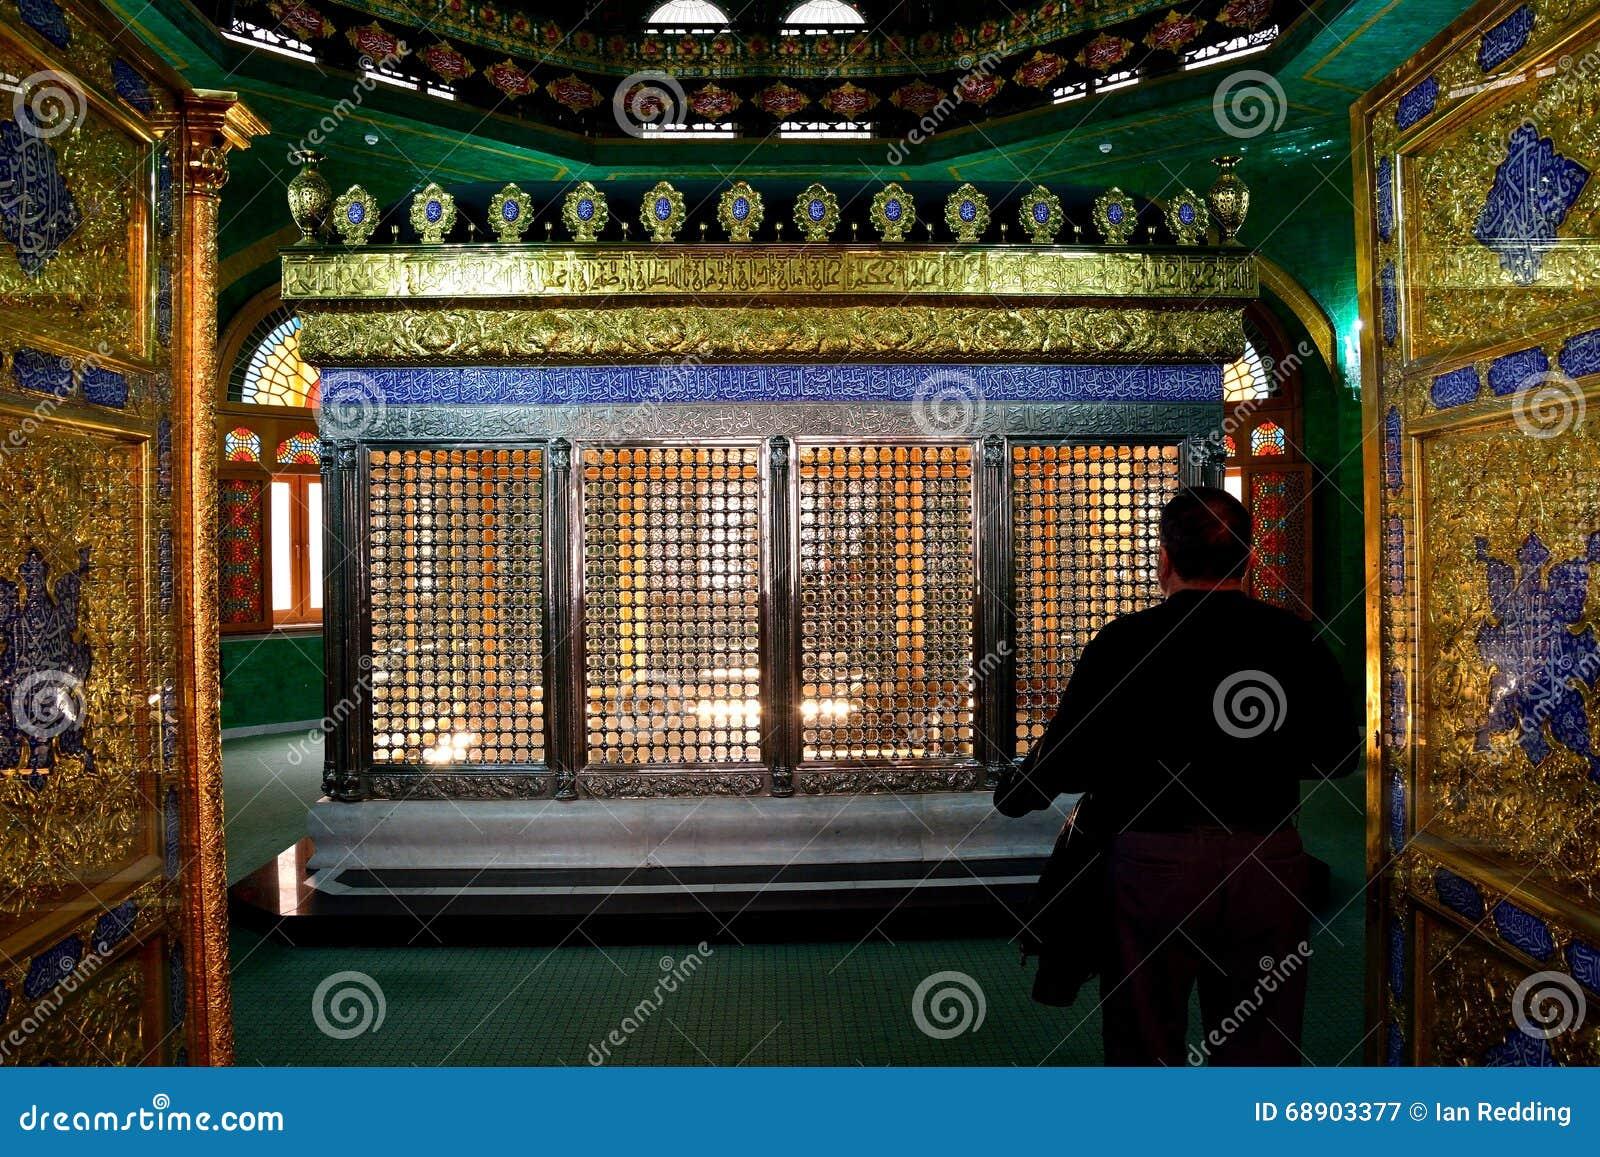 Gravvalvet av Ukeyma Khanum i den Bibi-heybat moskén